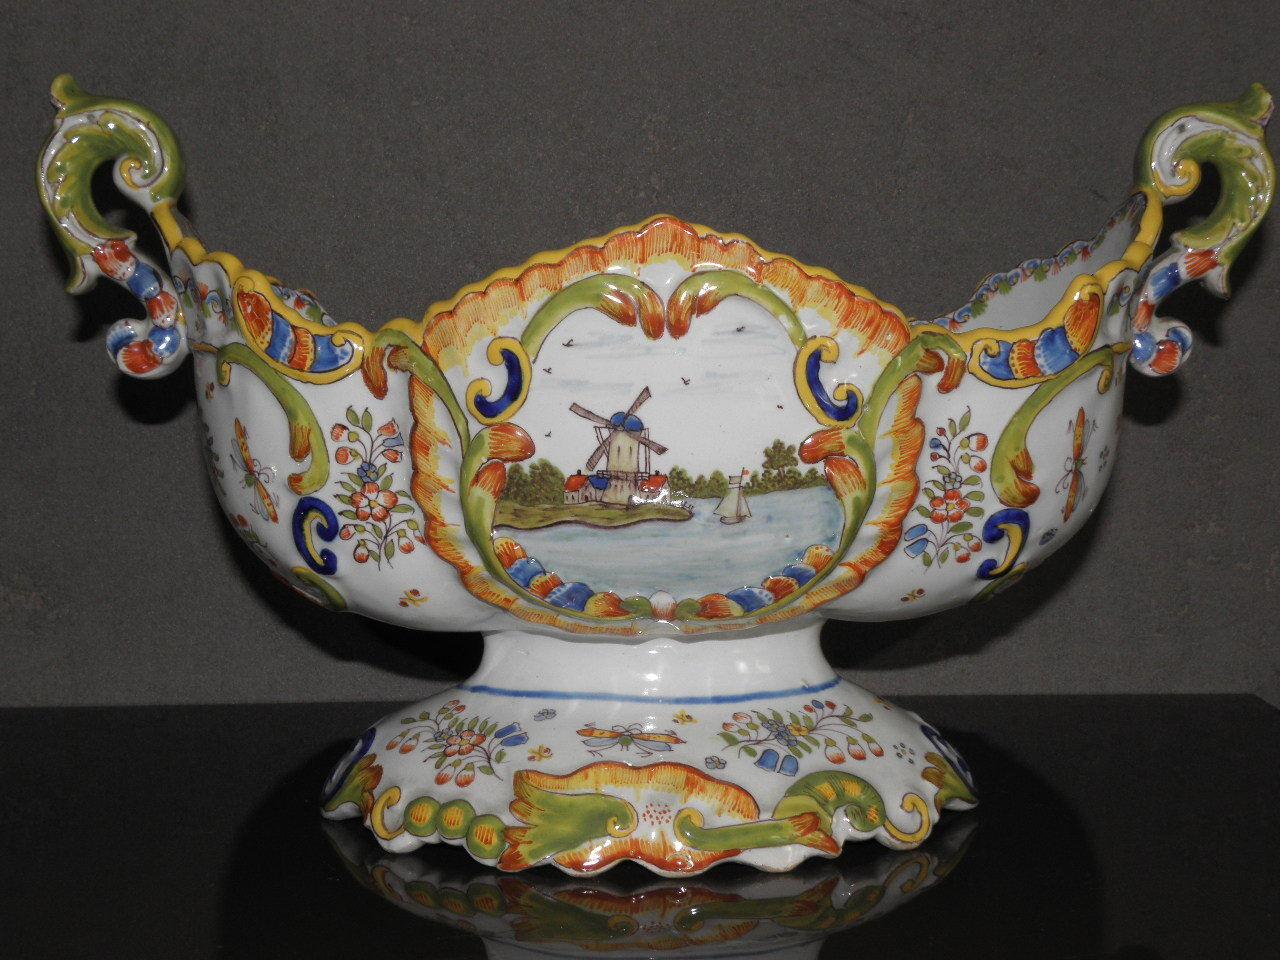 Centro De Mesa Pieza de soporte de Cerámica Floral Coper Ornamento Sostenedor De Taza Antiguo Recargado